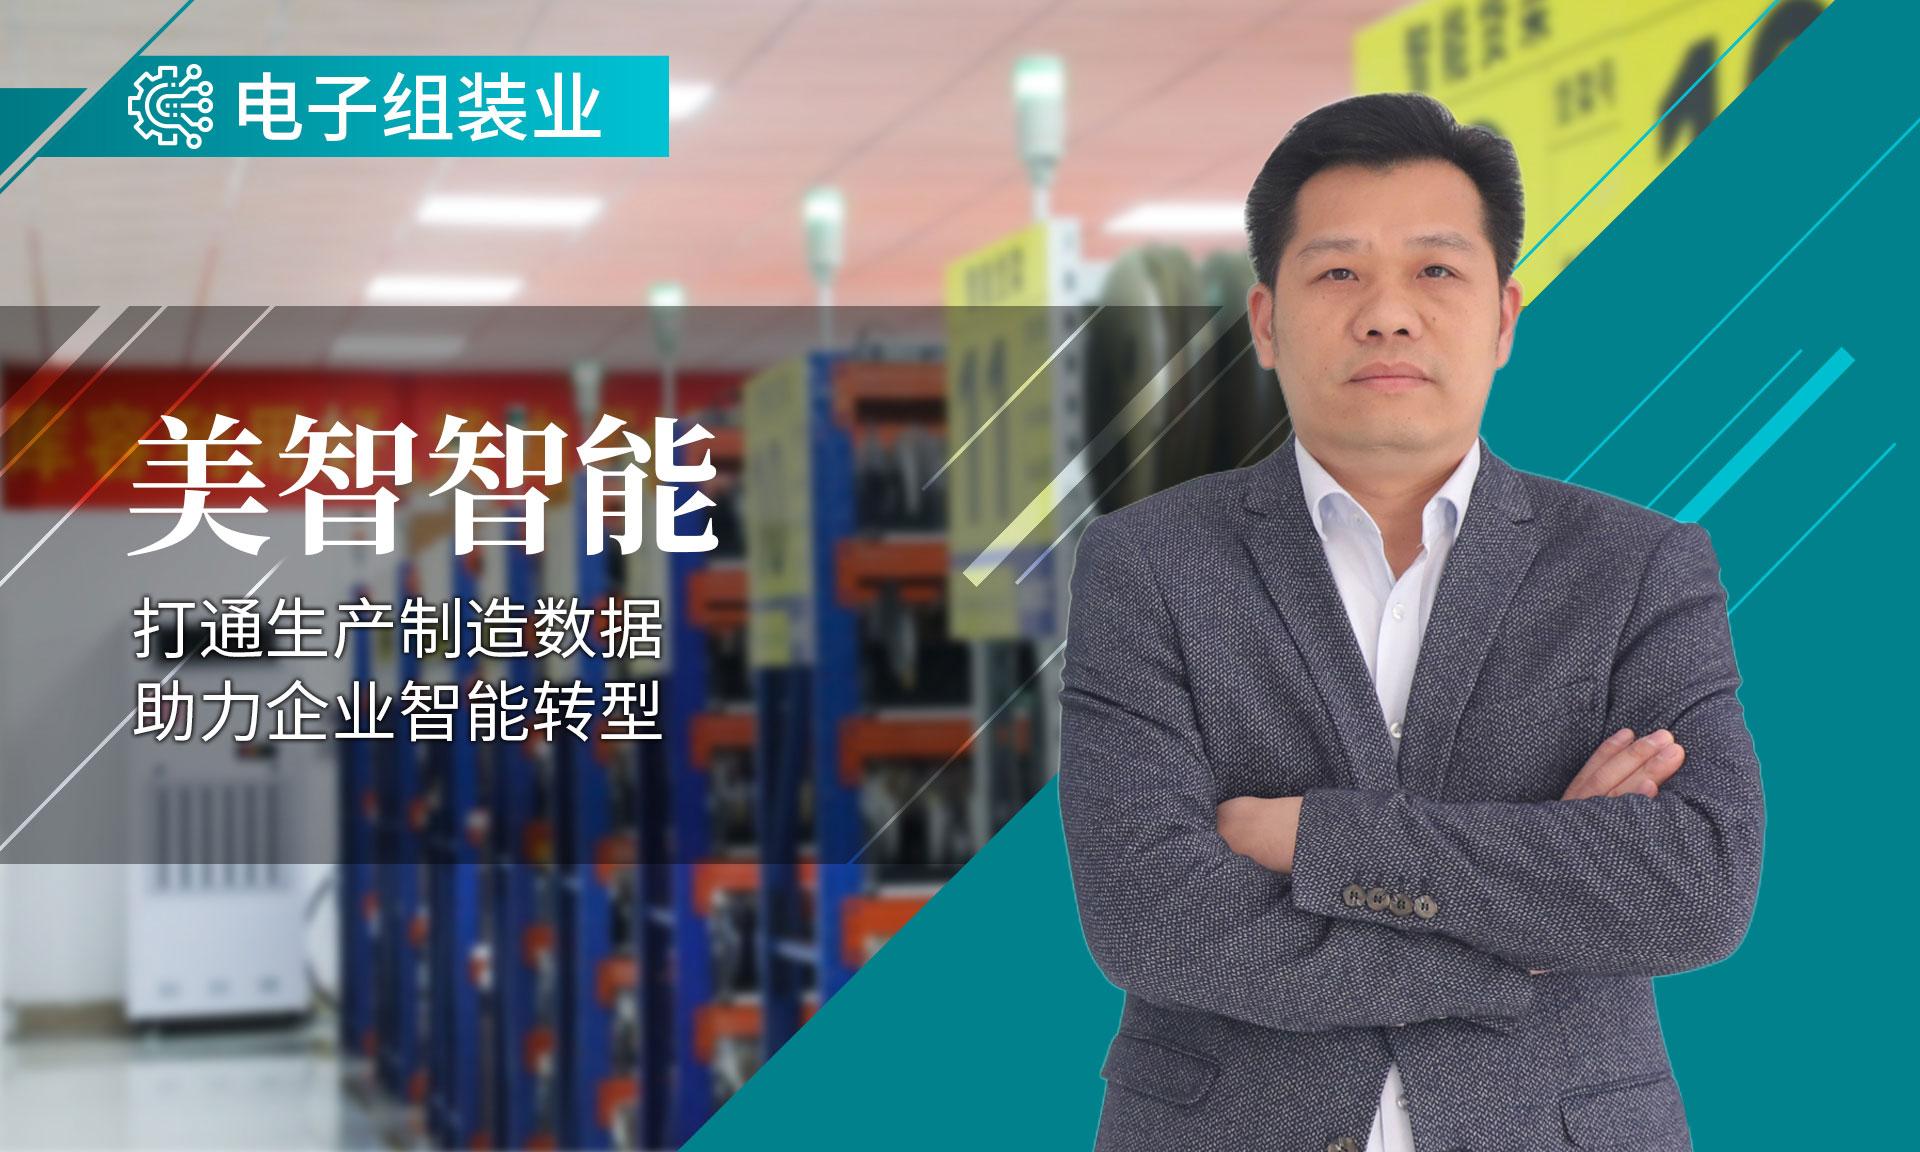 美智智能-打通生产制造数据,优化企业管理流程